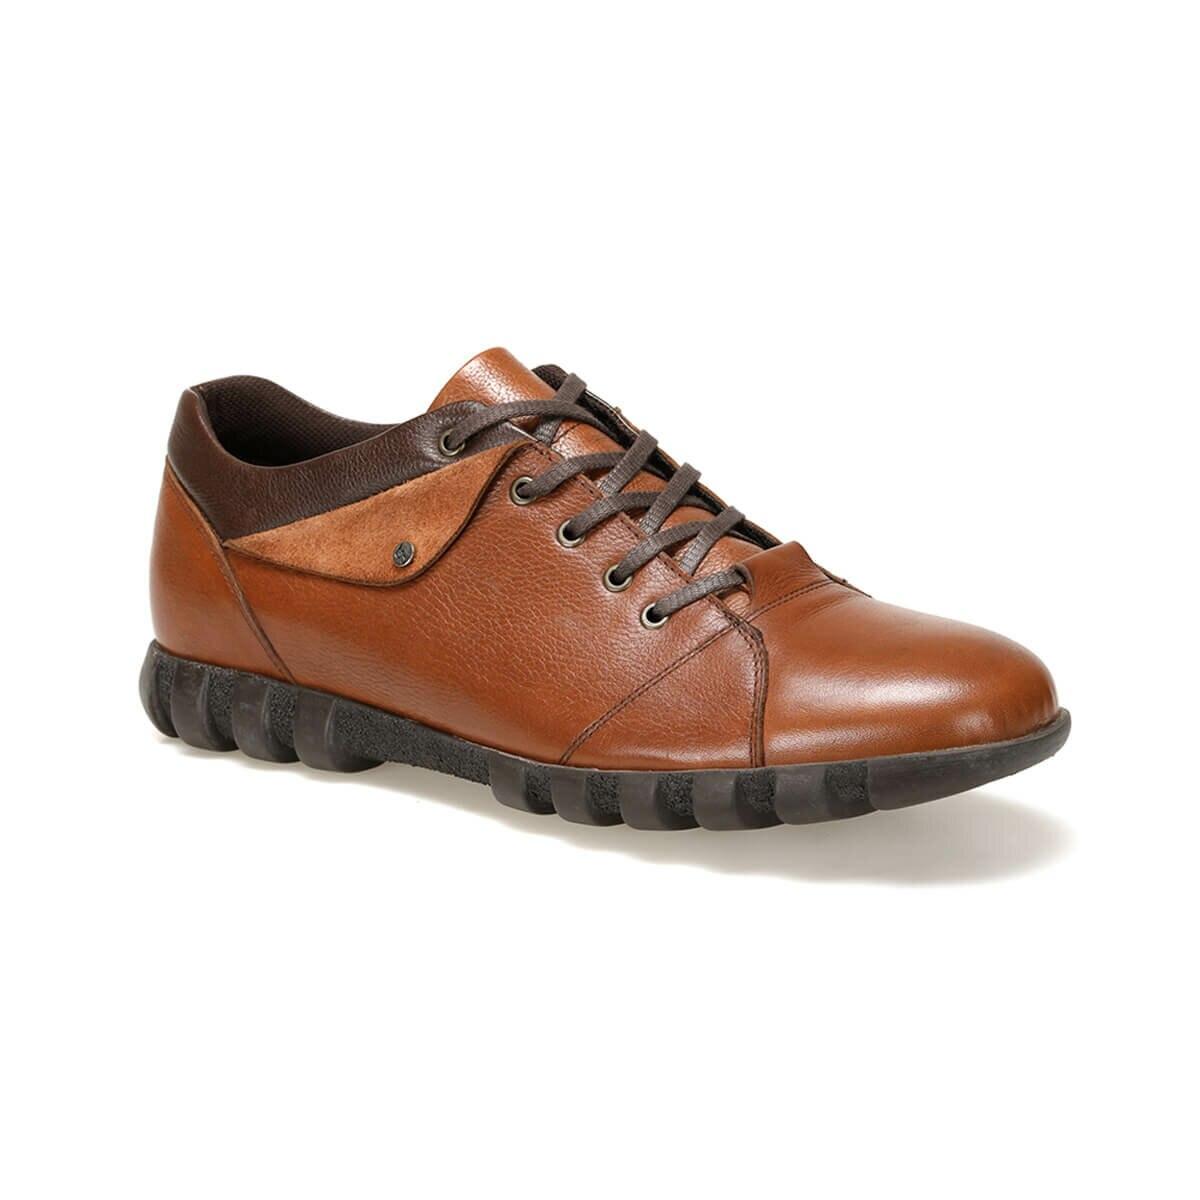 FLO 704 C 19 Tan Men Shoes Oxide